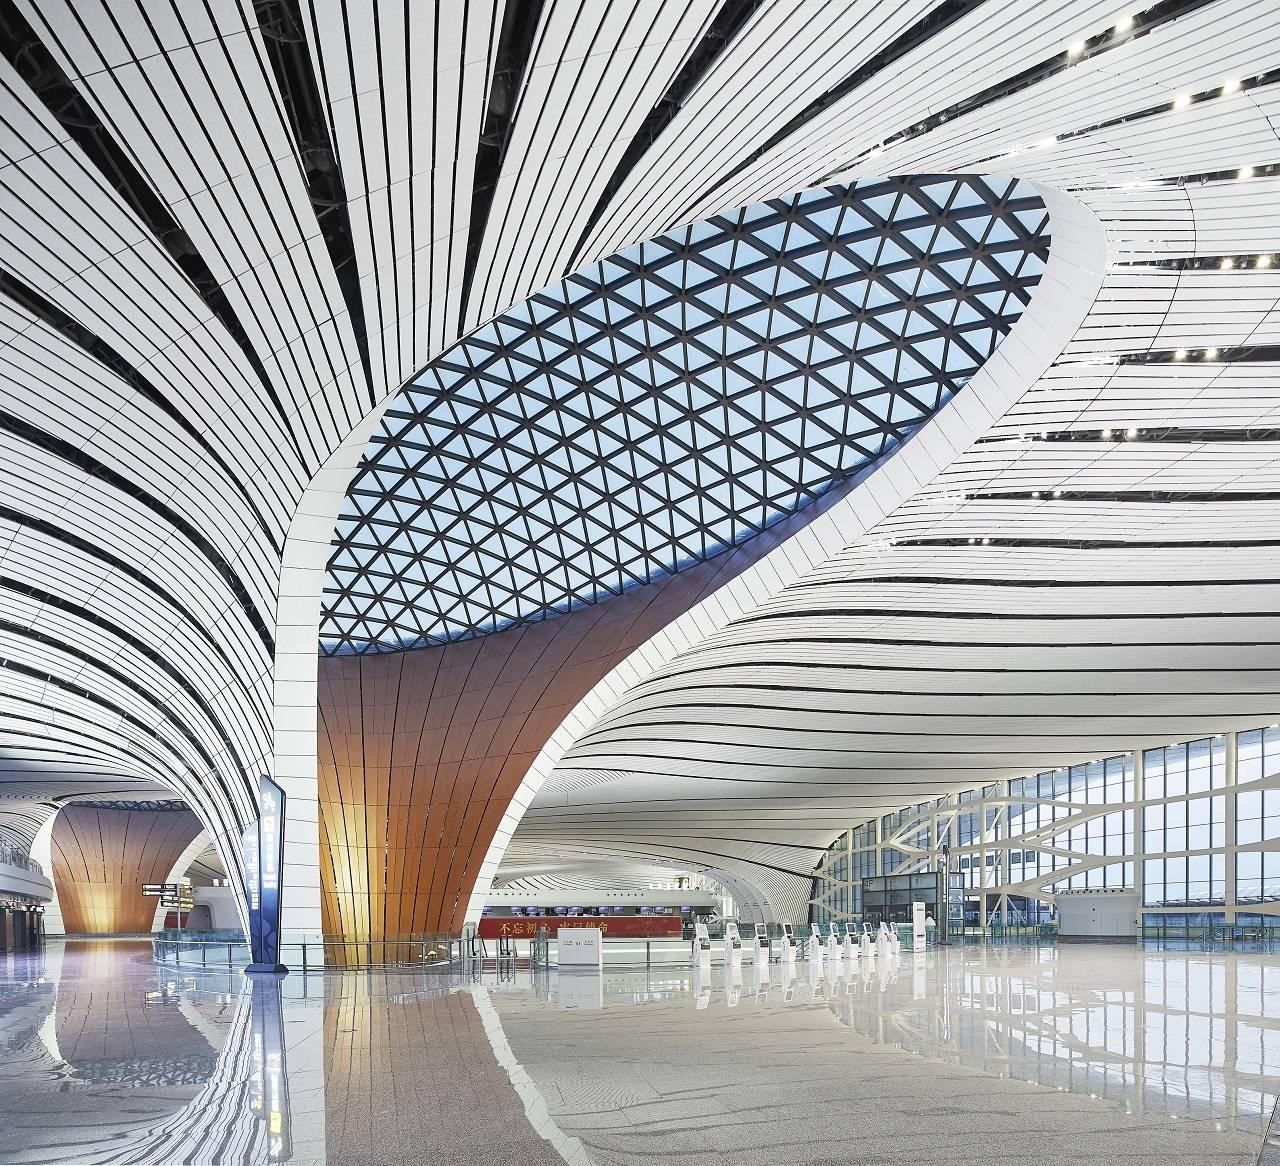 Pekín-Daxing: el aeropuerto con terminal única más grande del mundo inició operaciones